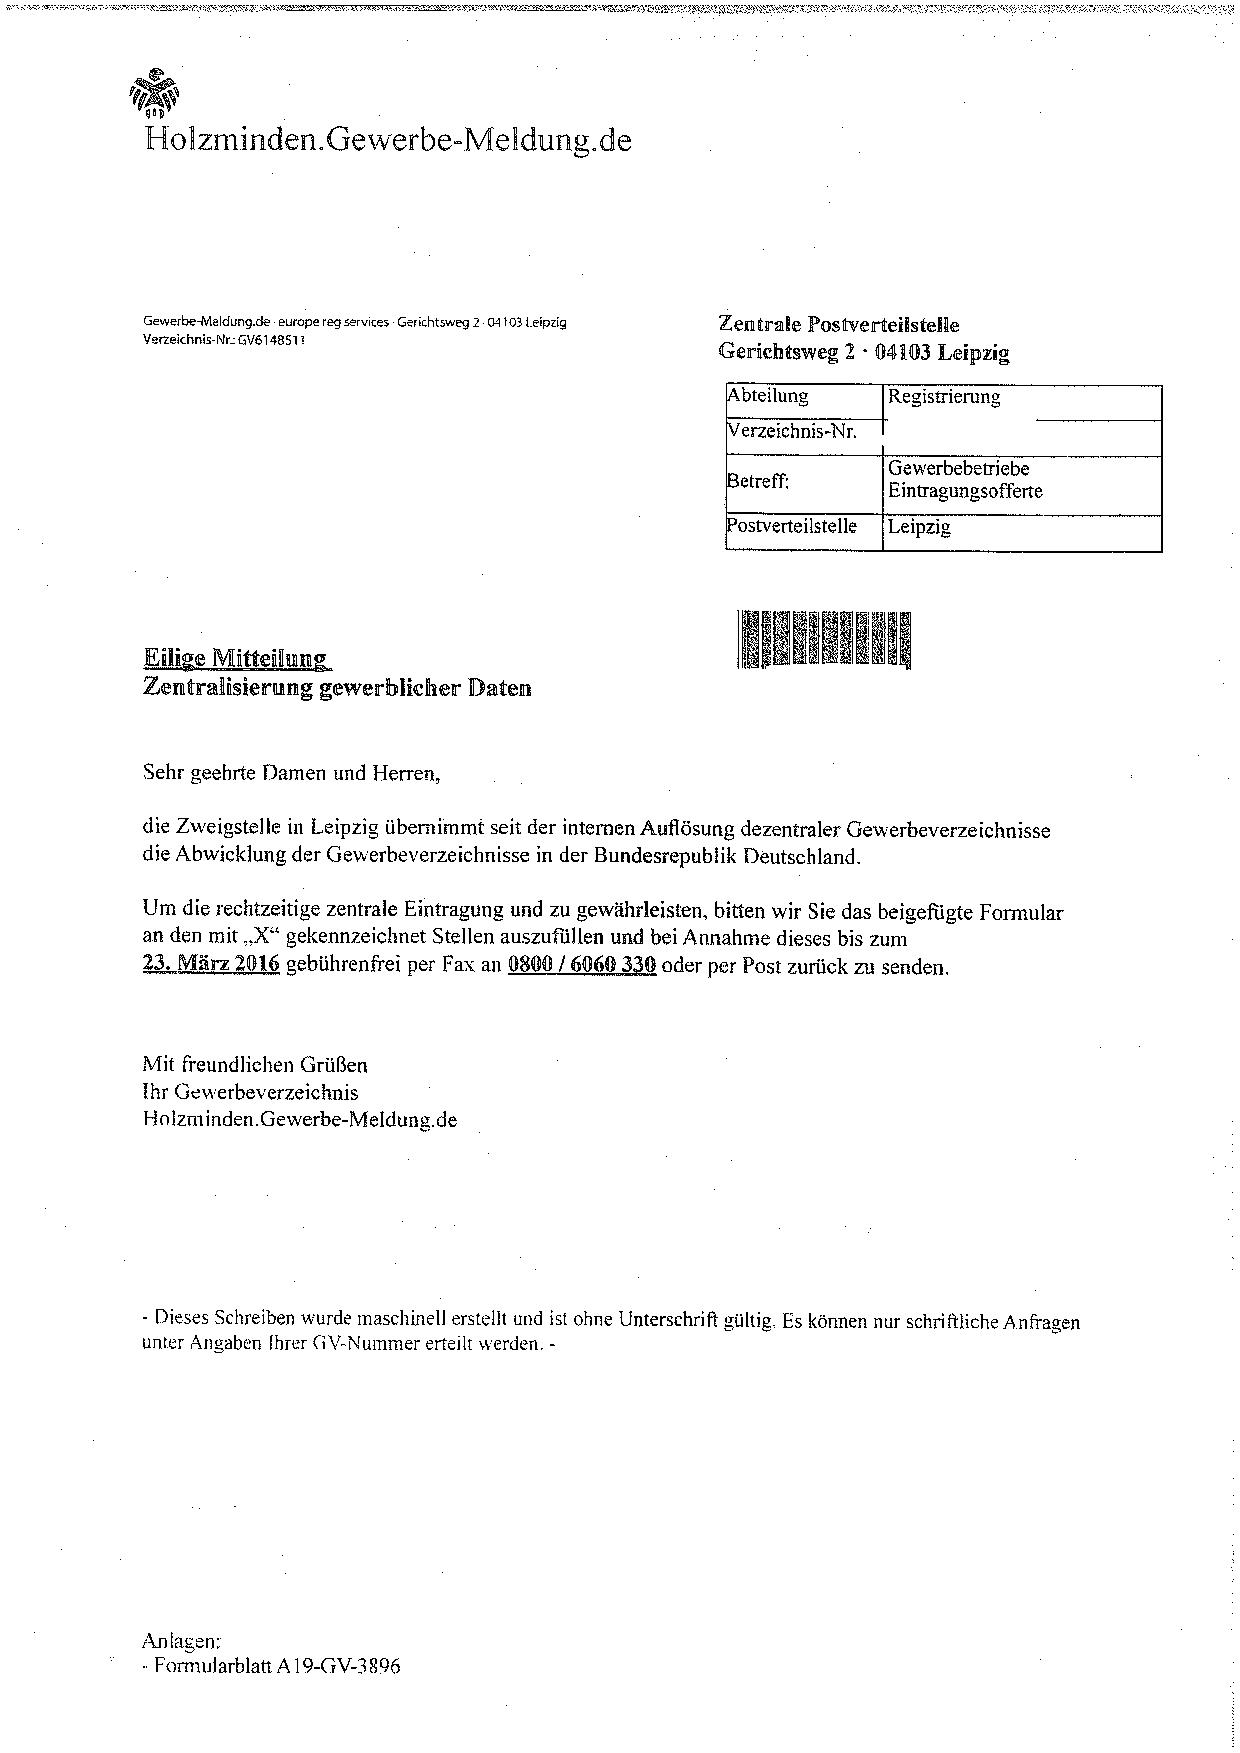 Briefe Schreiben Steuerberater : Vorsicht bei schreiben von der gewerbeauskunft zentrale